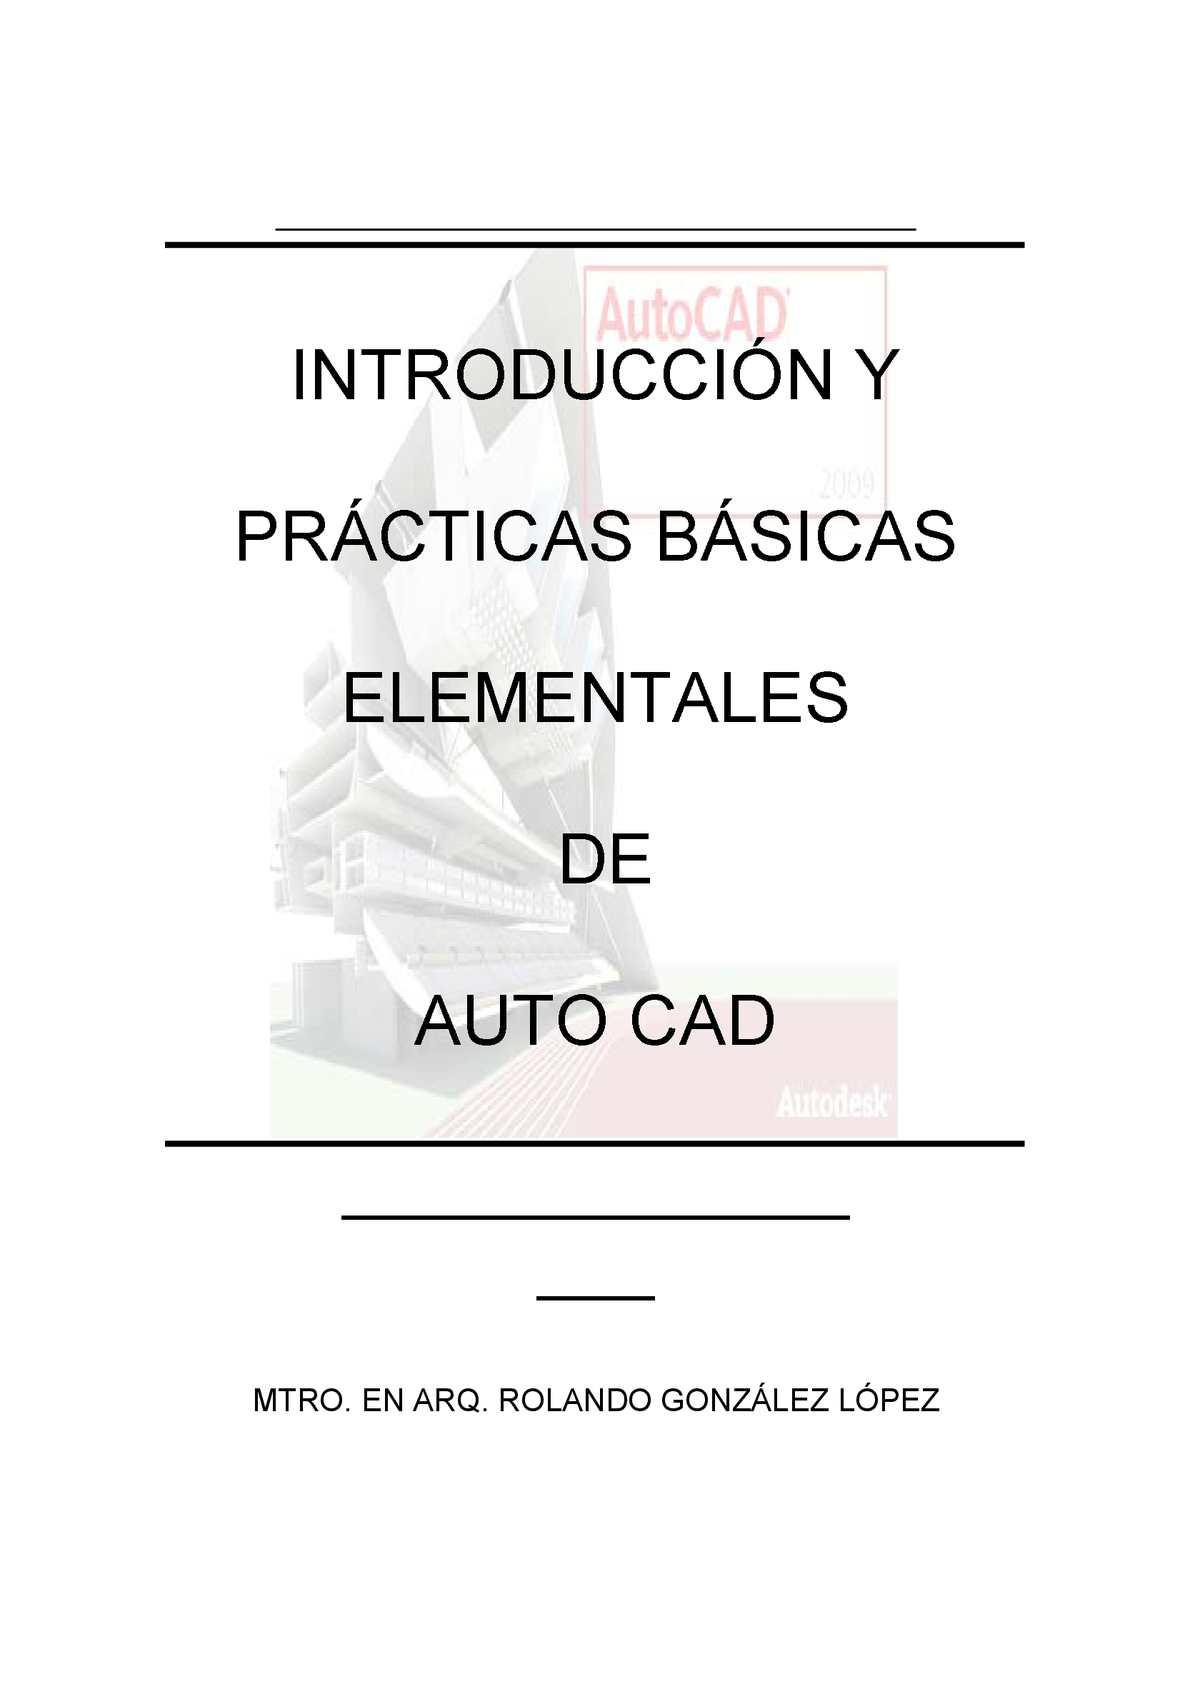 manual de practicas de autocad calameo downloader rh calameo download manual de cadillac escalade 2007 en español manual de cadena de custodia